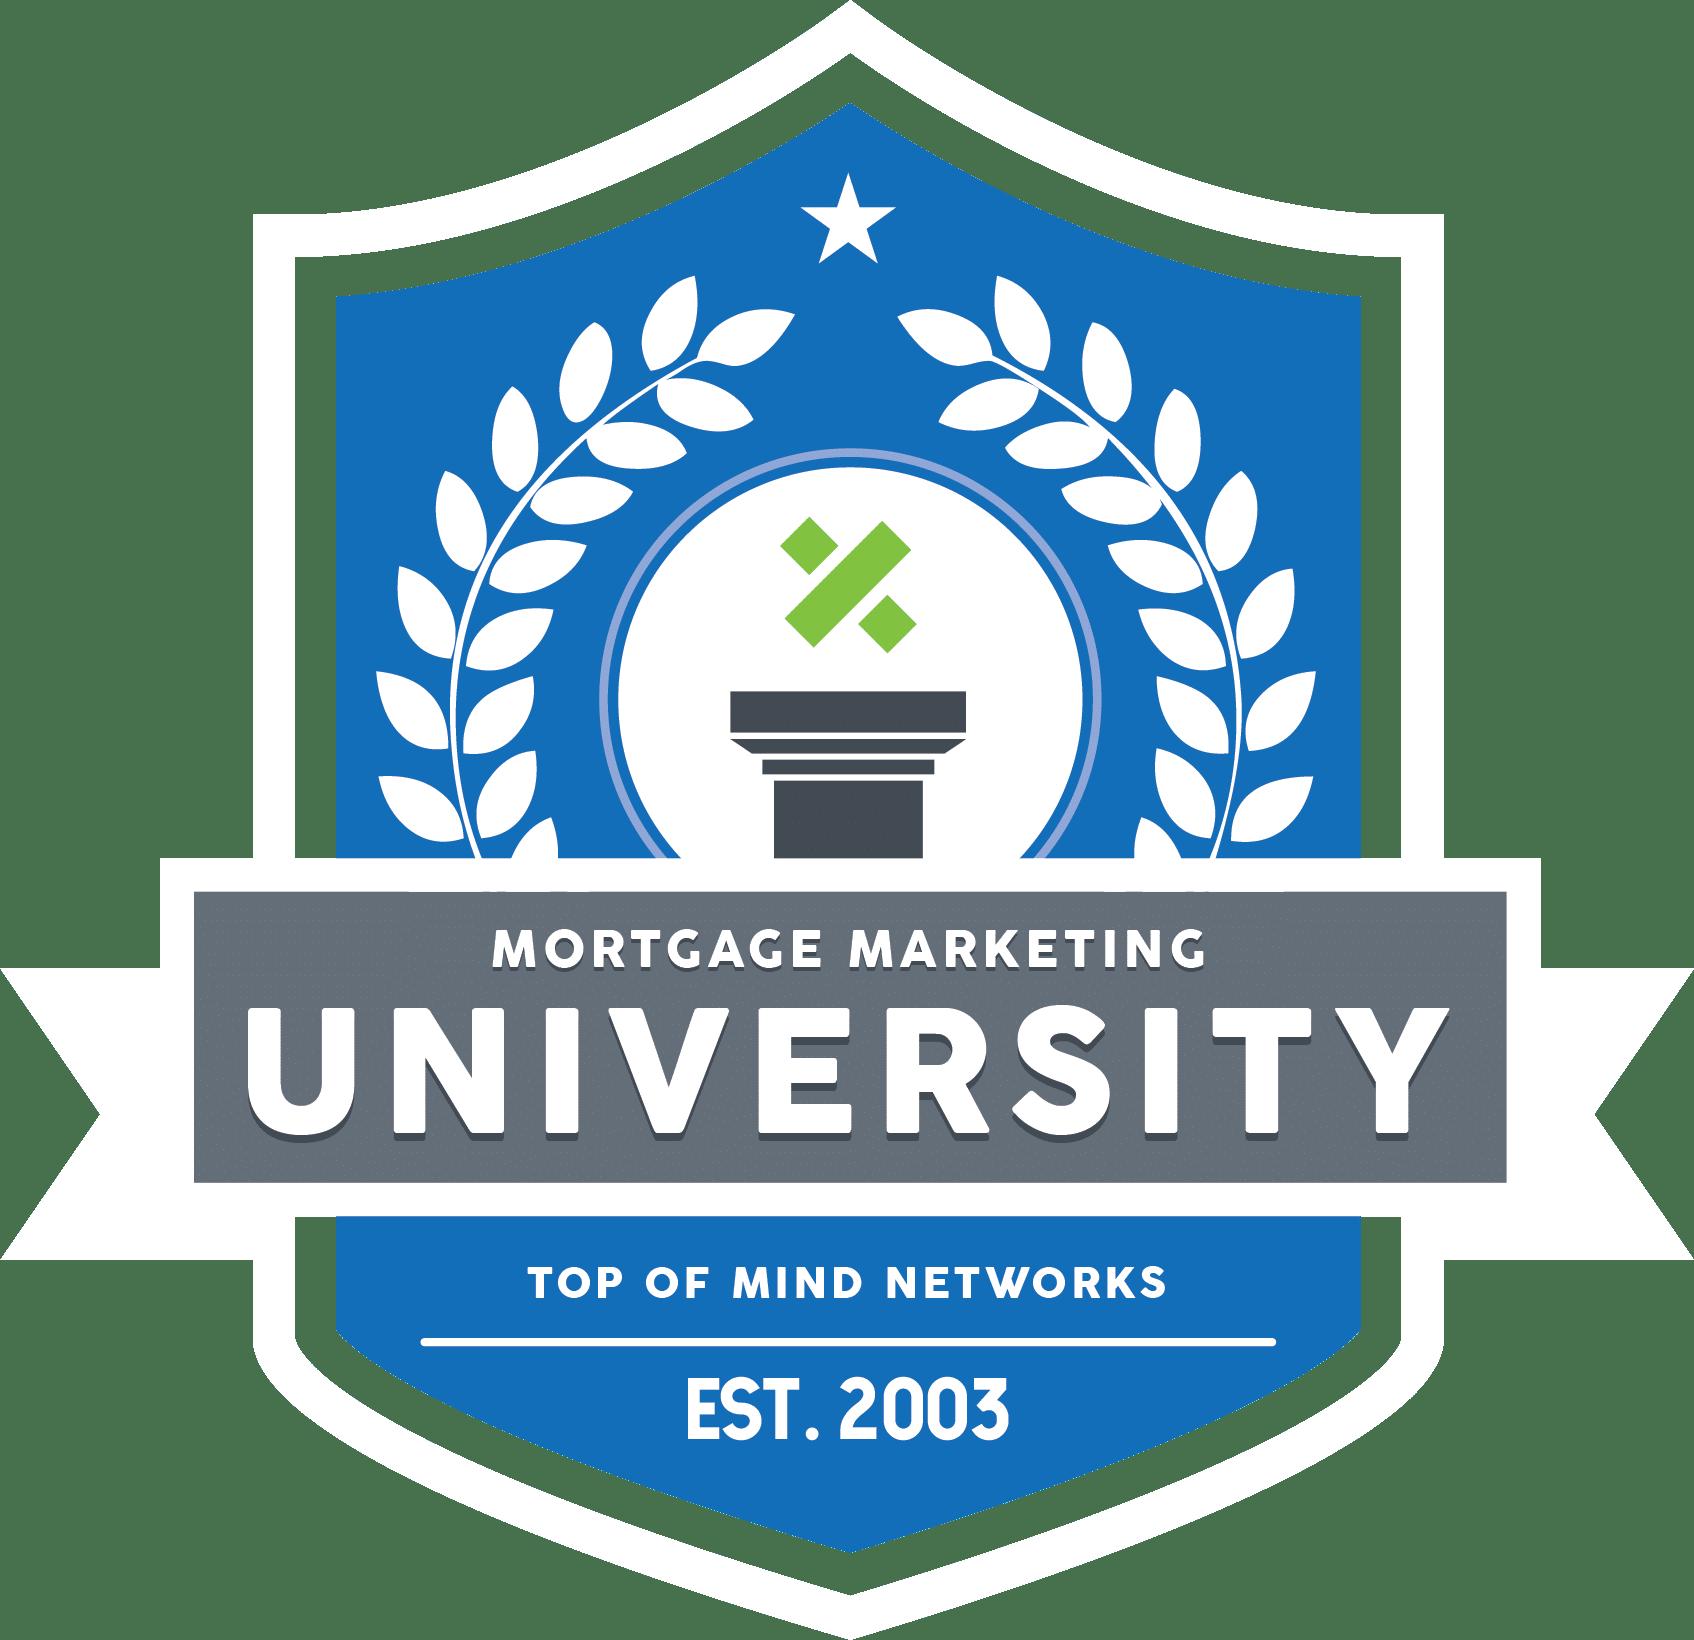 Mortgage Marketing University